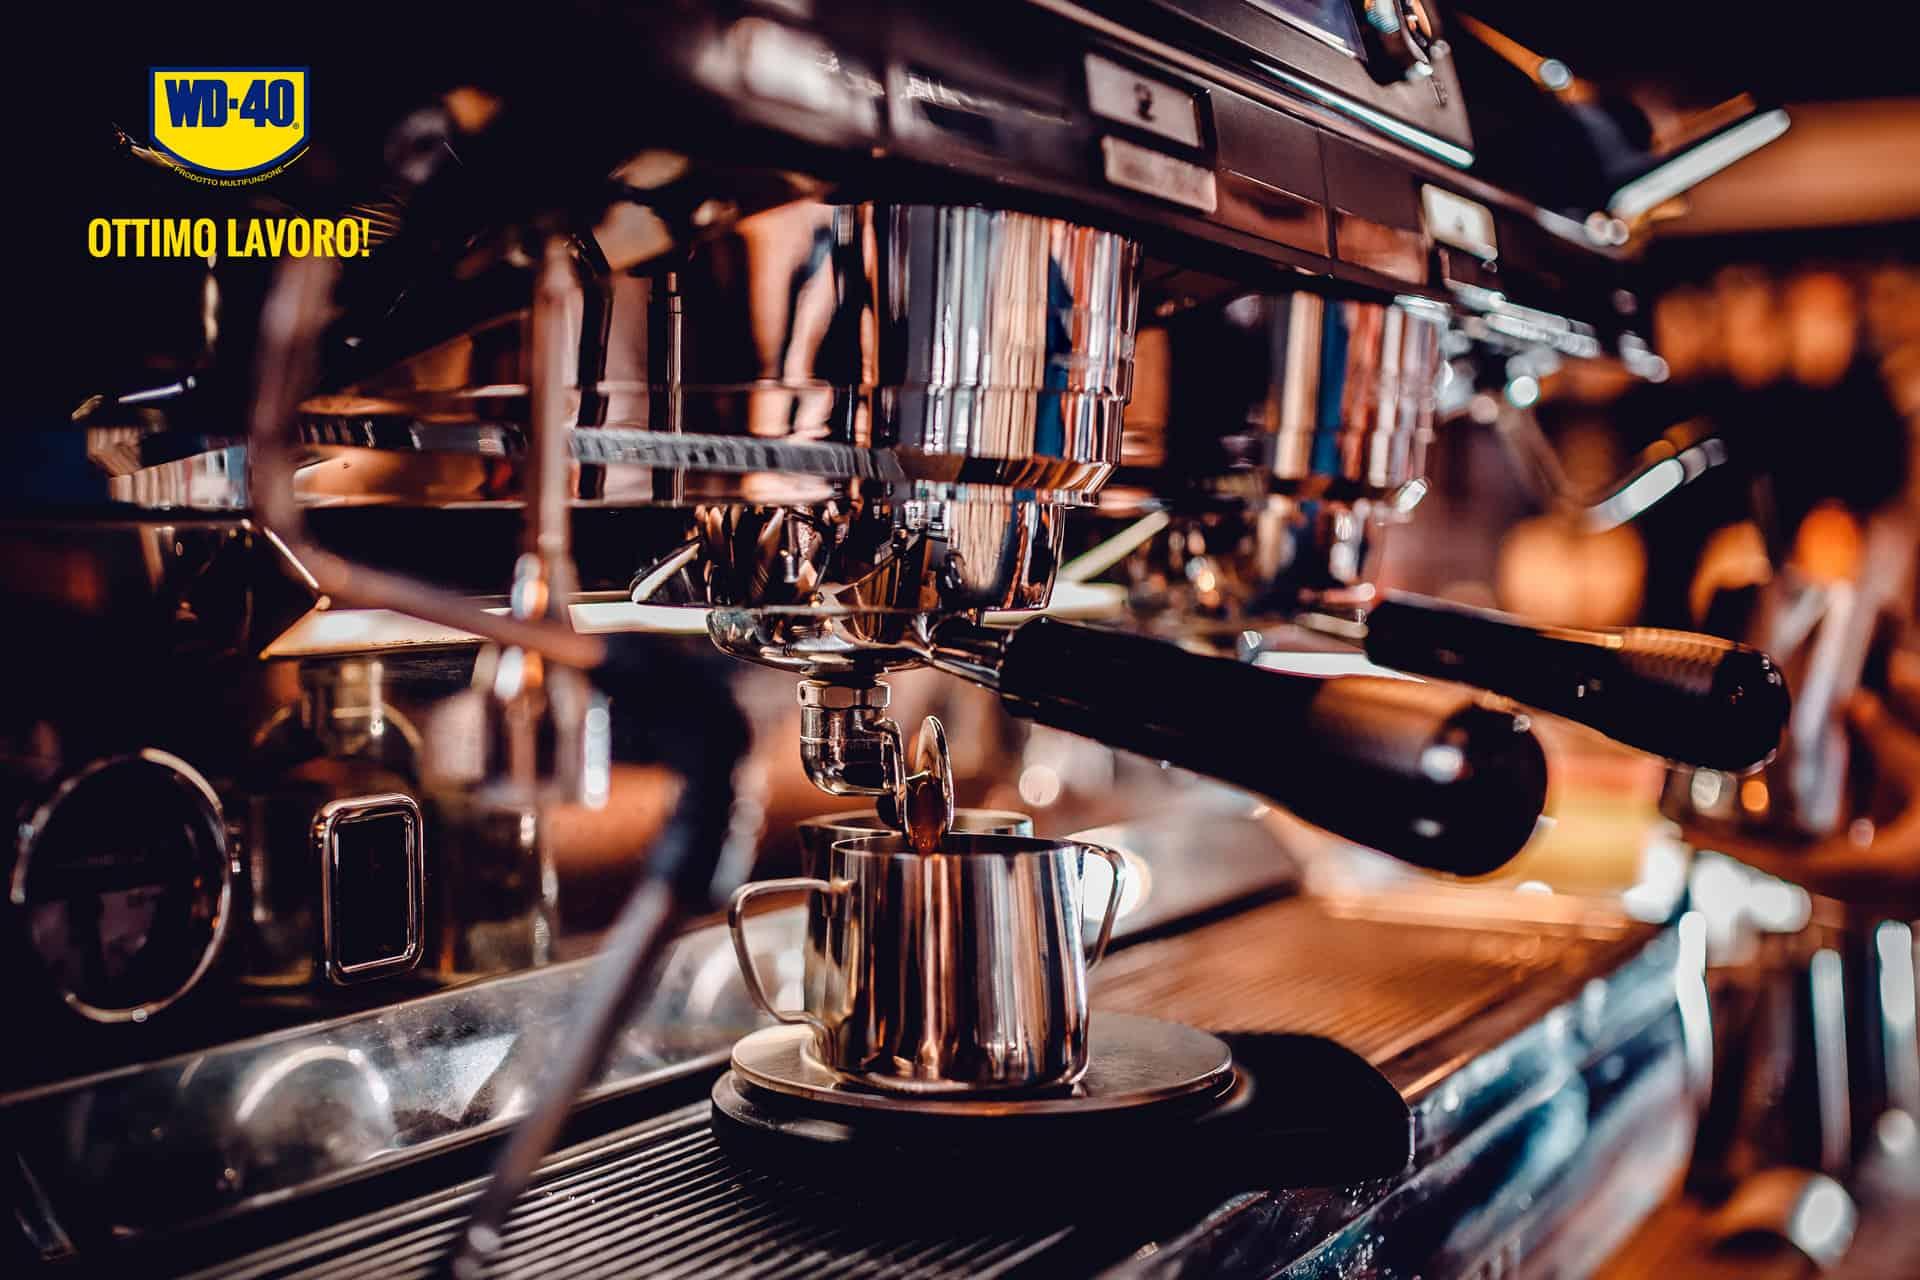 come togliere macchie di caffè